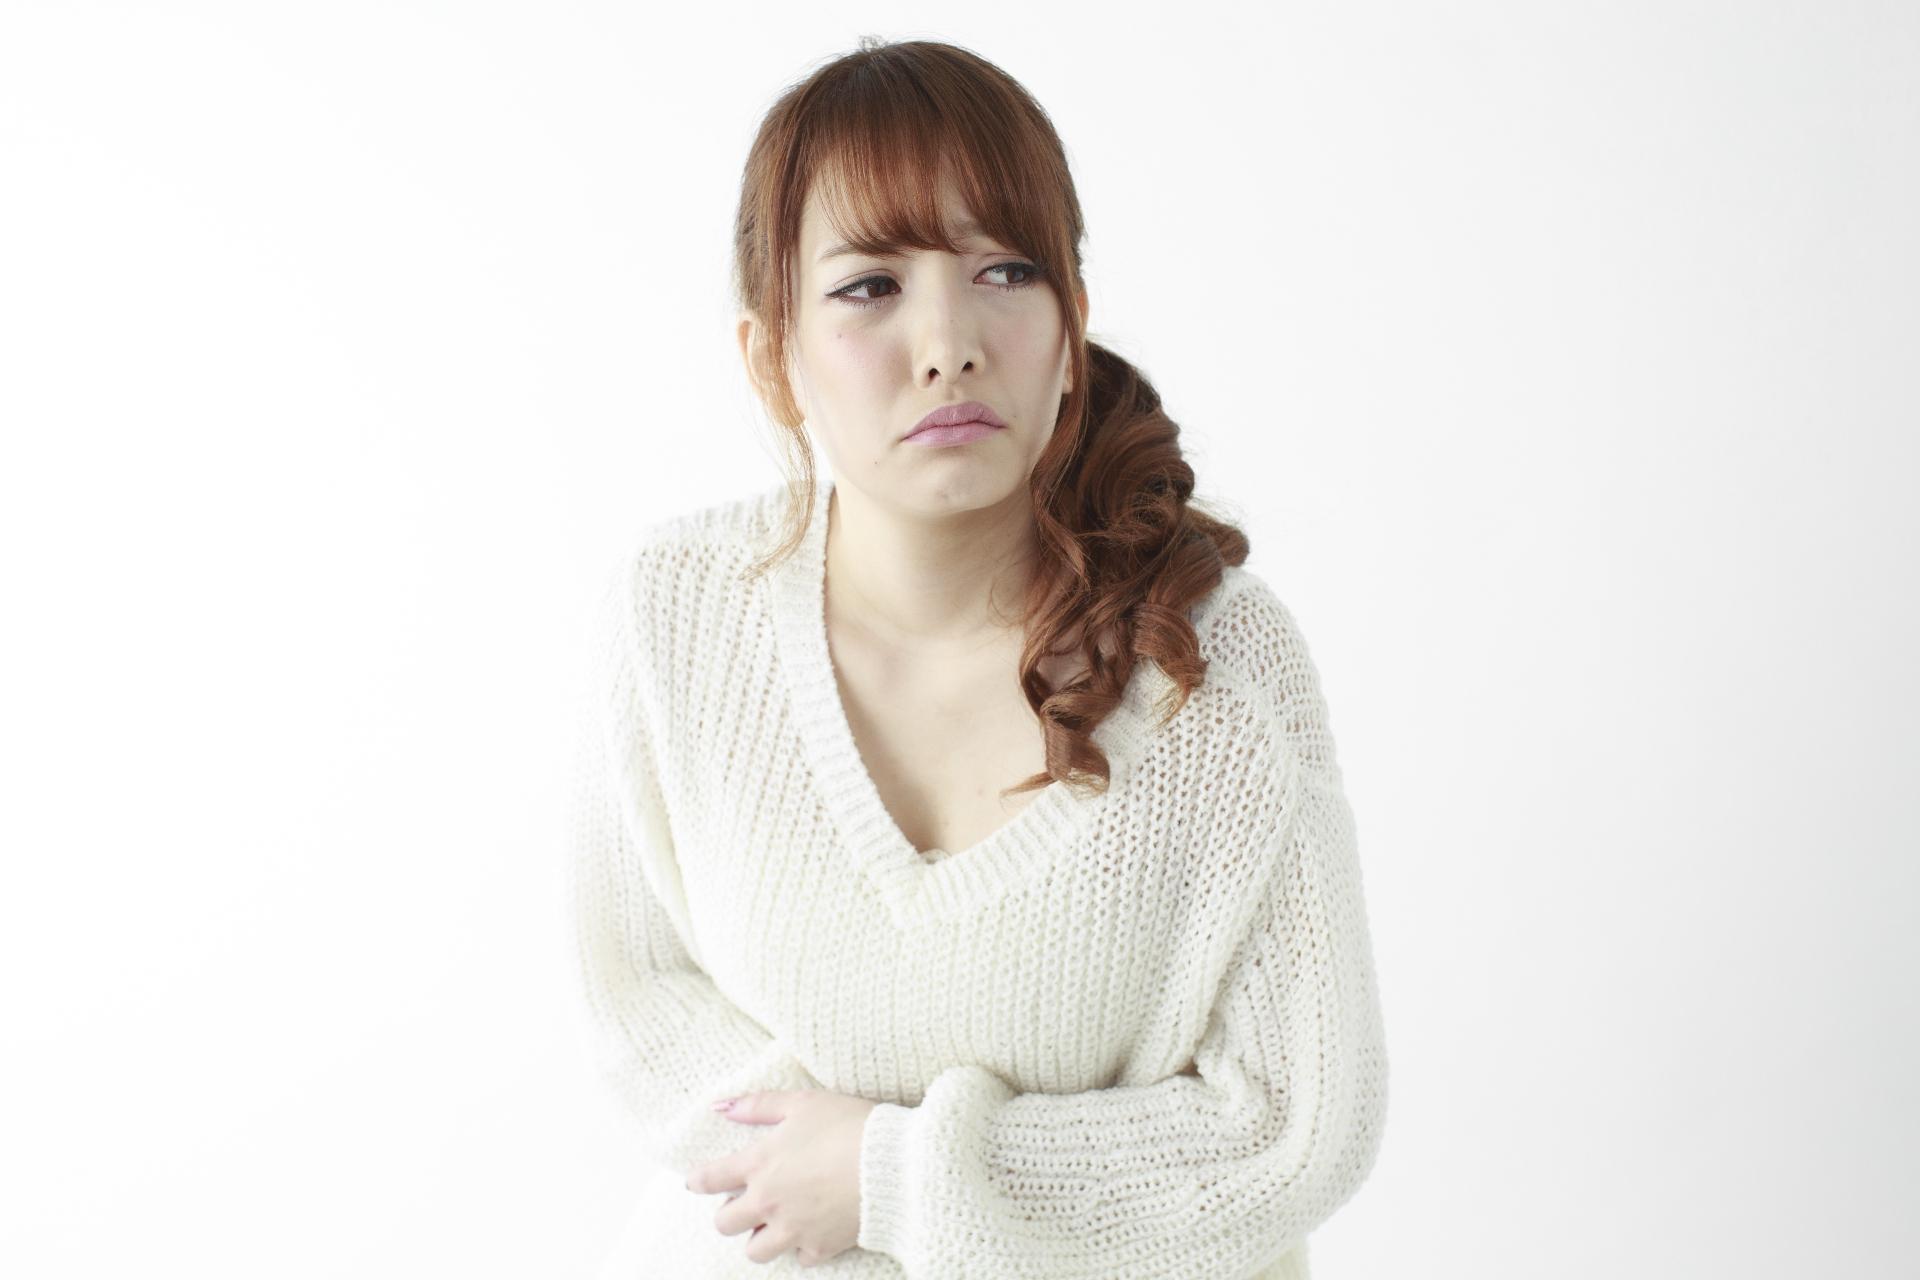 ストレスに弱いからかも?突然夜中にお腹が痛くなった時の原因と対処法